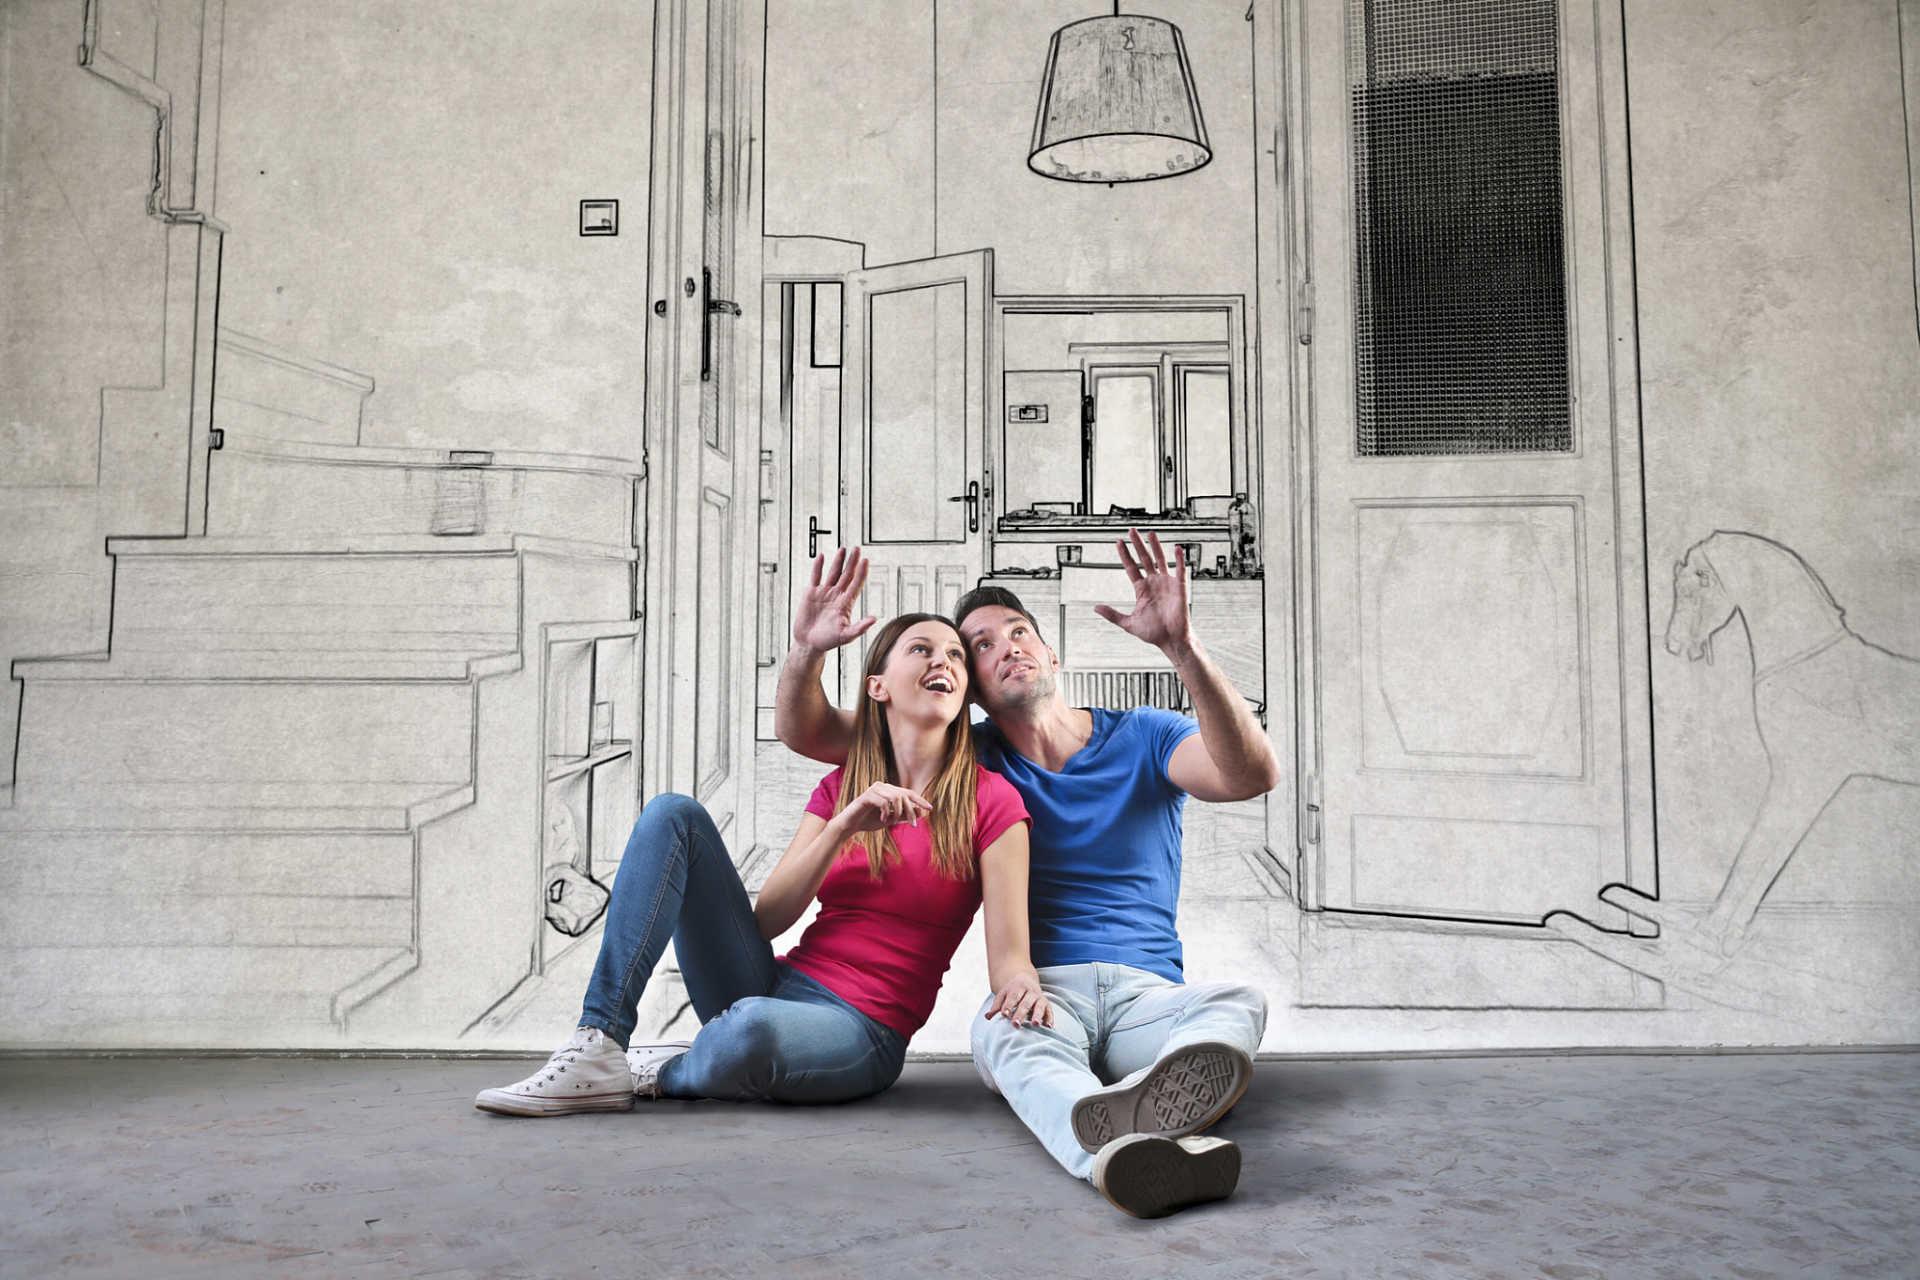 Imagen de Casa, vivienda, hipoteca, recurso, préstamo hipotecario